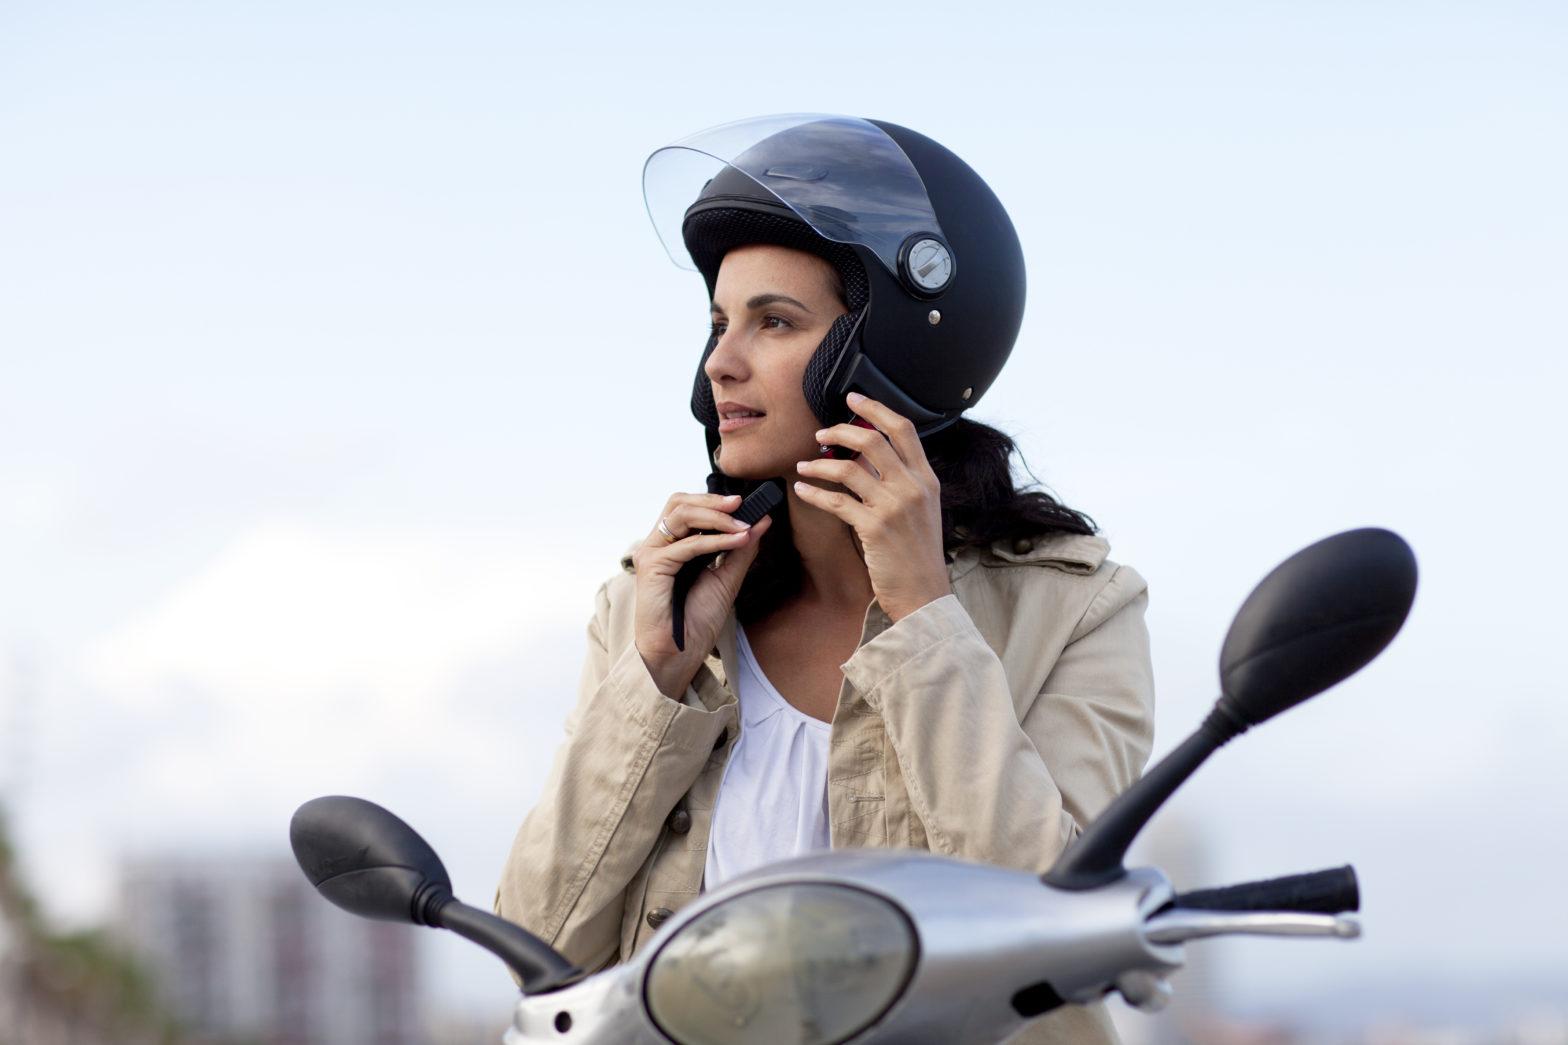 Viele Motorradfahrer unterschätzen die Unfallgefahr.